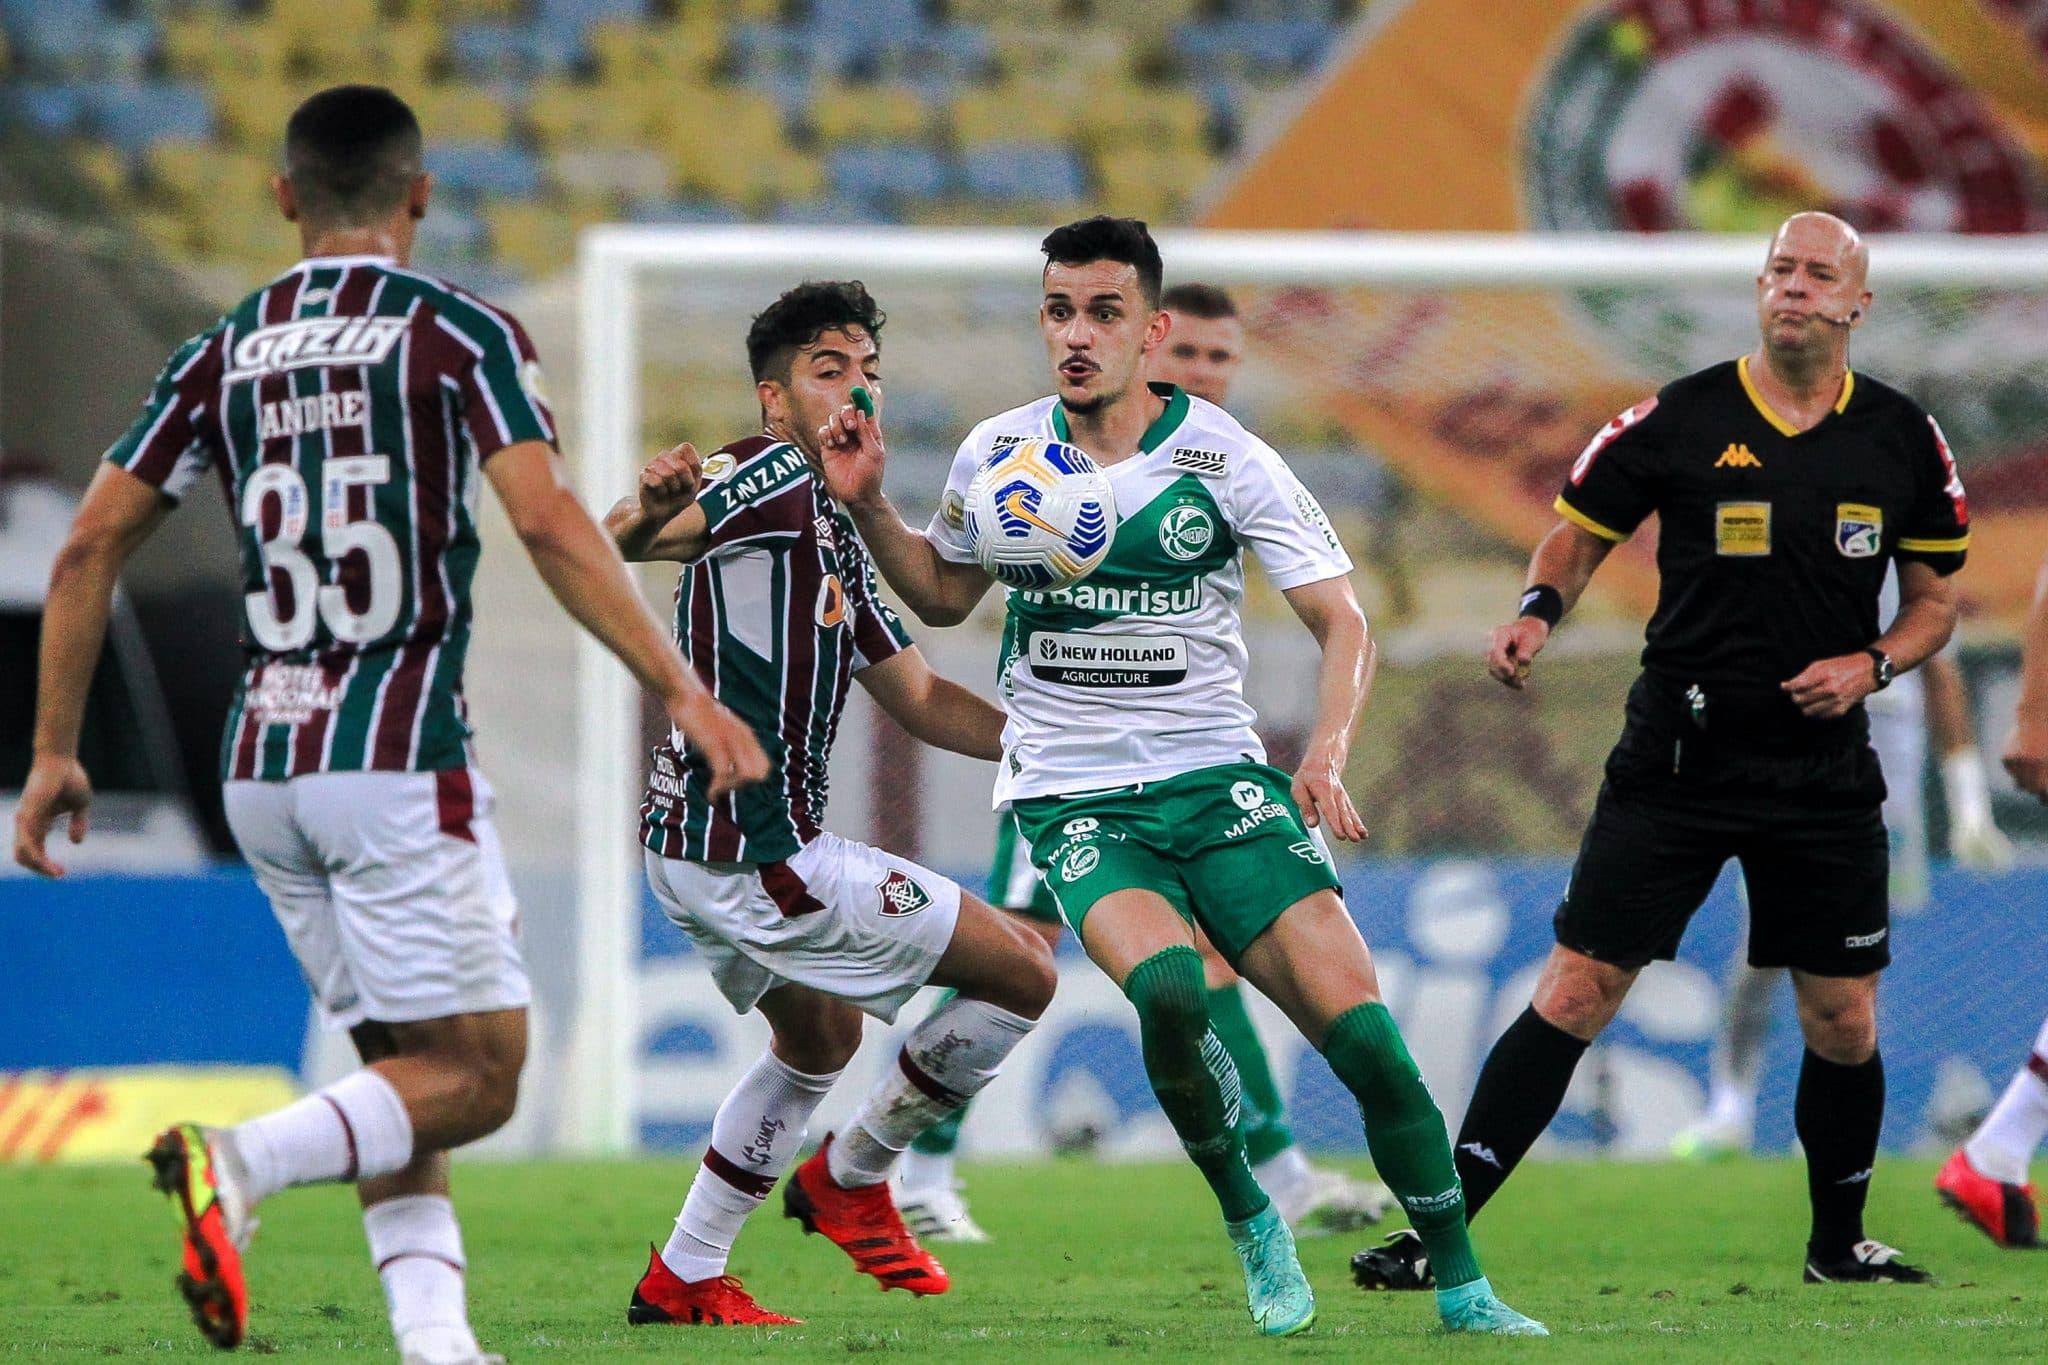 Fluminense joga melhor, mas cede empate para Juventude e perde chance de colar no G-8